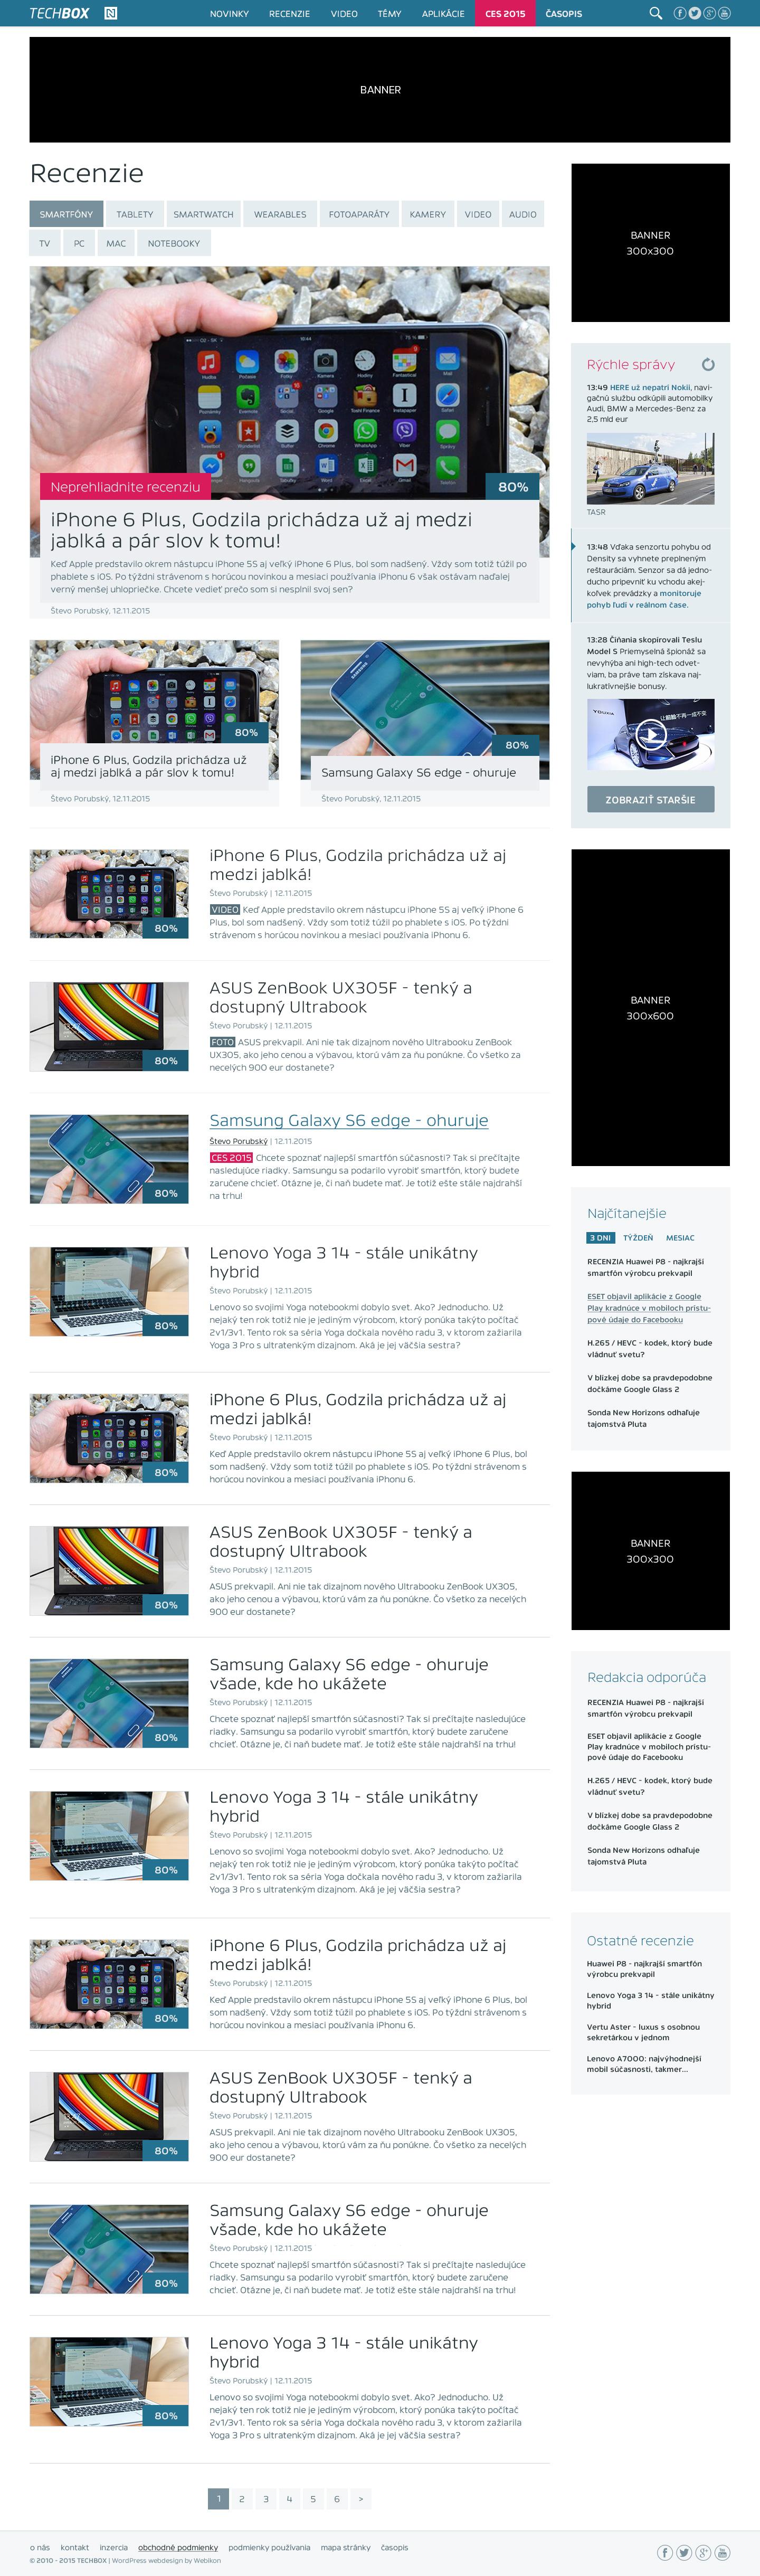 TECHBOX.sk - výpis článkov v kategórii